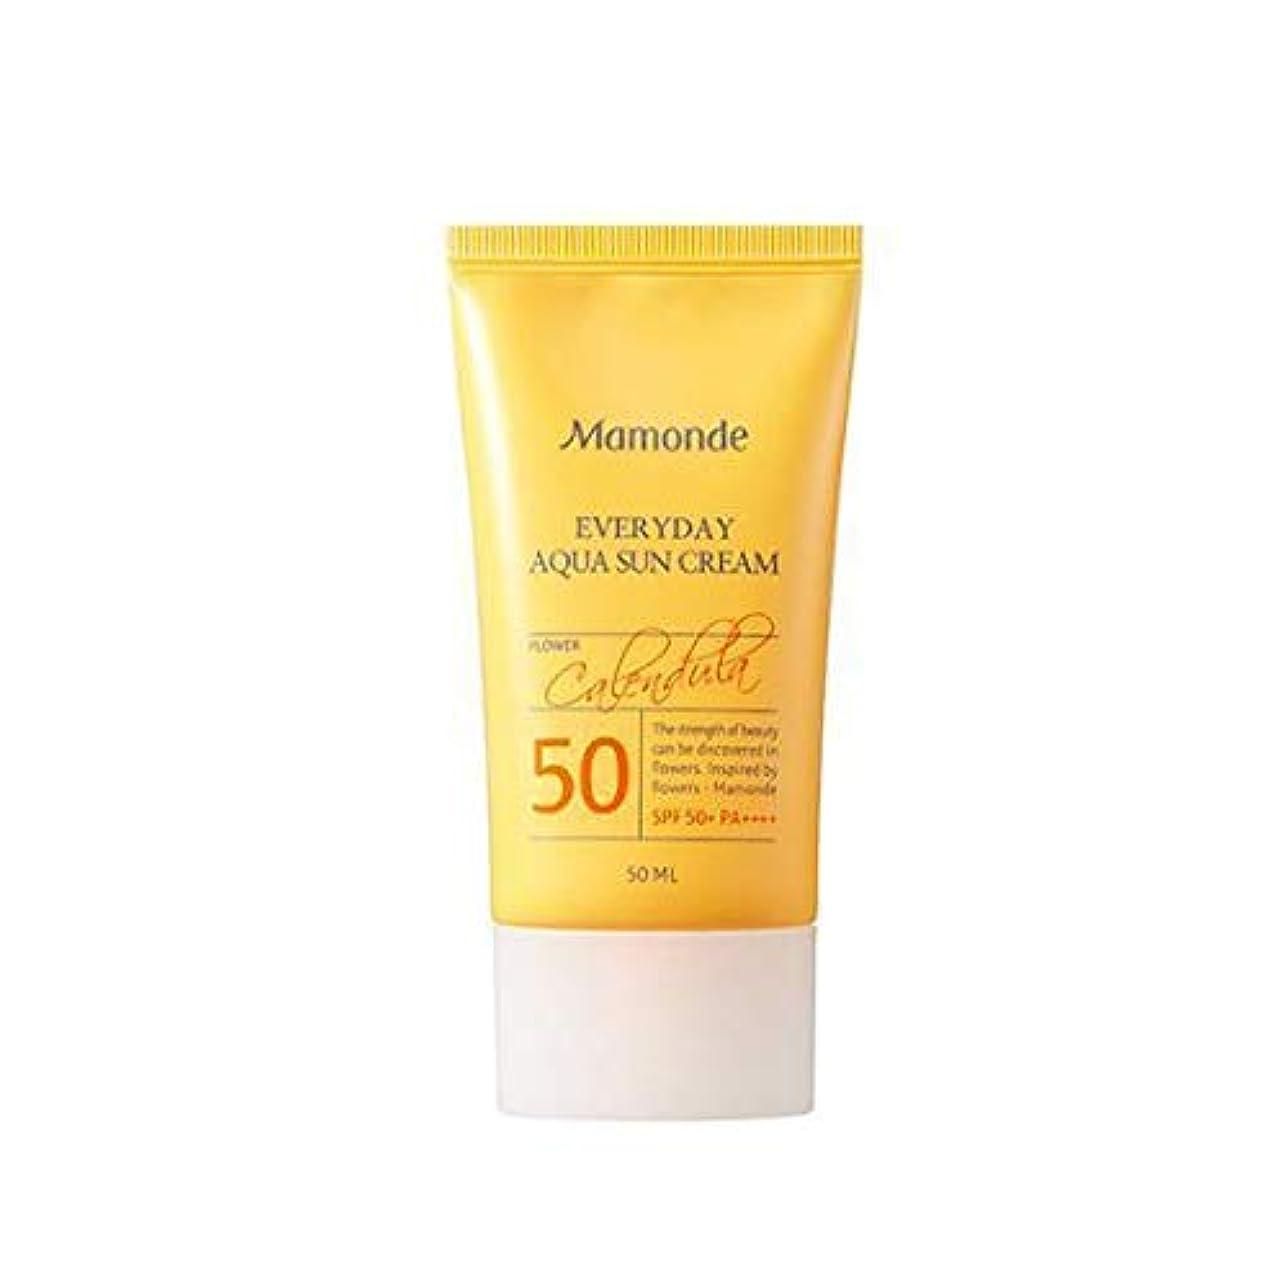 優れた強打コインランドリーMAMONDE マモンド エブリデイアクアサンクリーム (50ml),SPF50+PA++++ Everyday Aqua Sun Cream 韓国日焼け止め